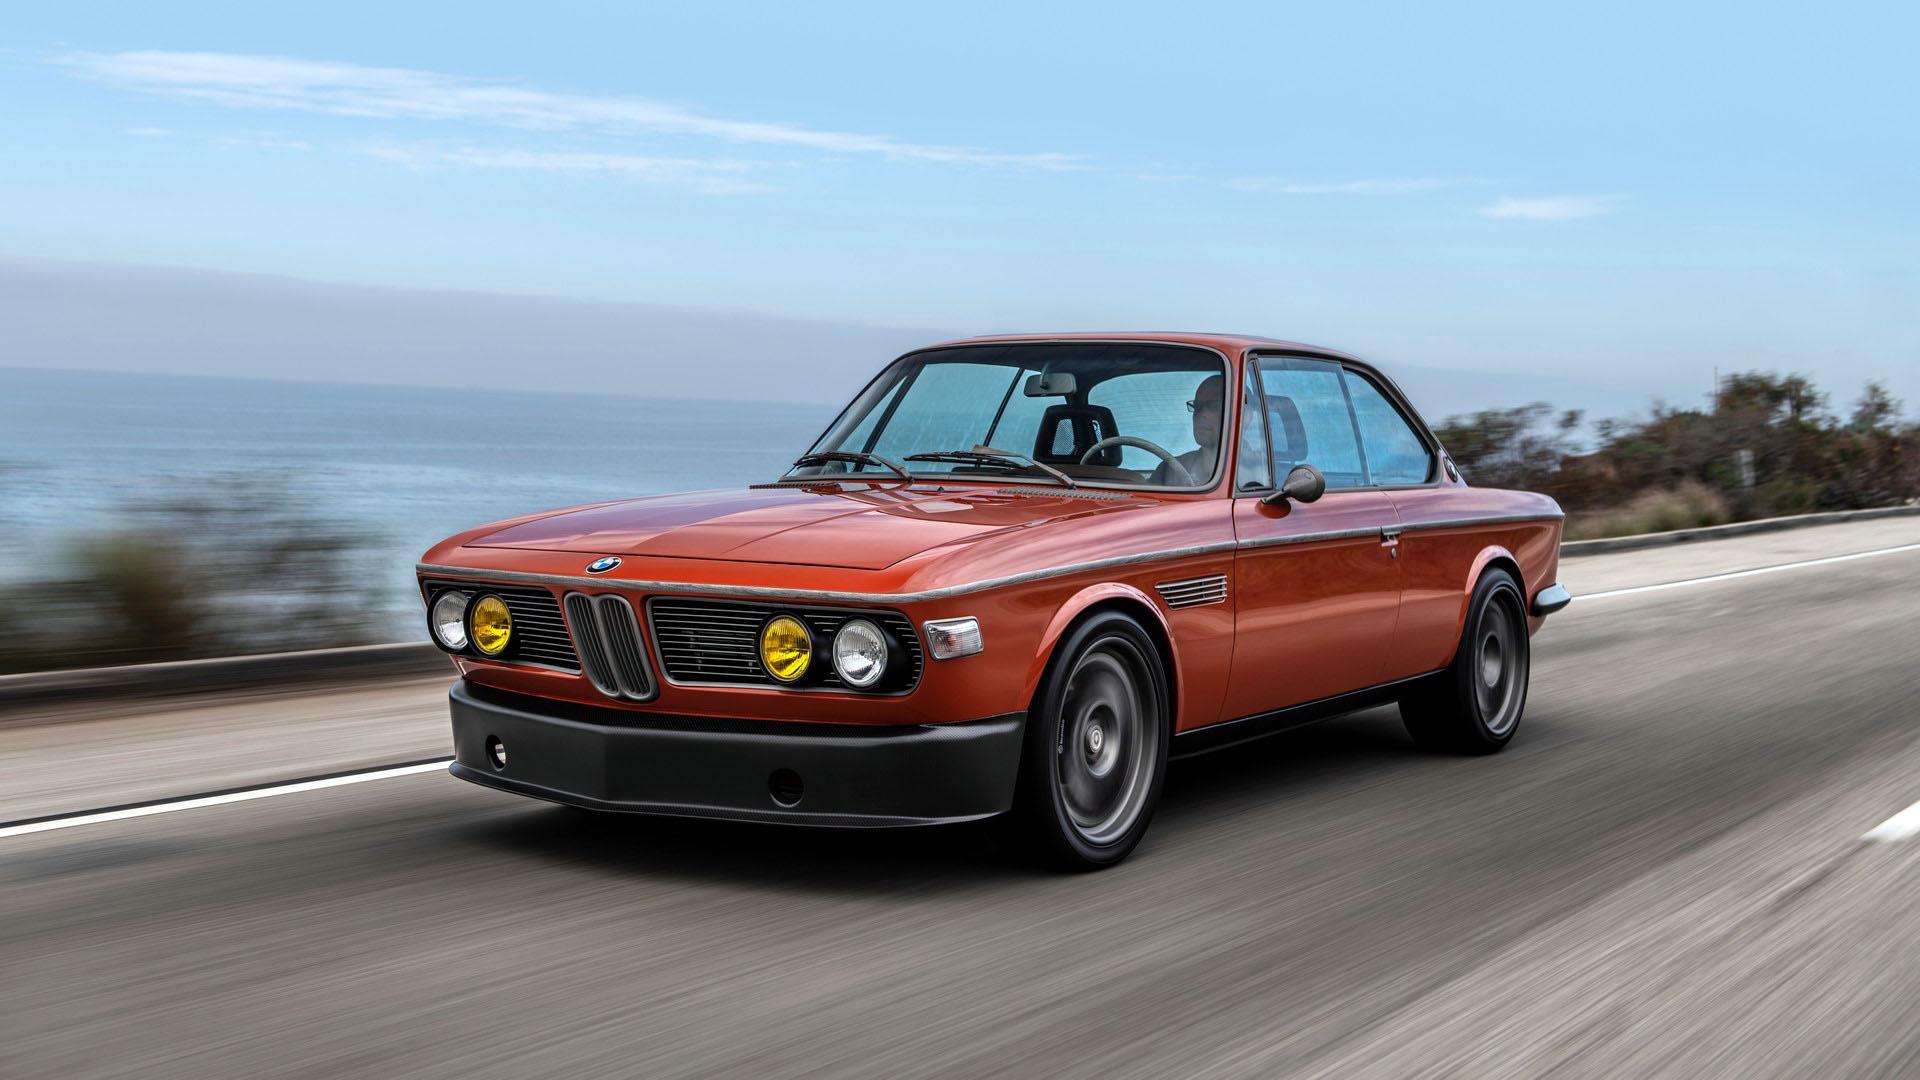 """El coche de """"Iron Man"""" fuera de la pantalla es un BMW 3.0 CS"""